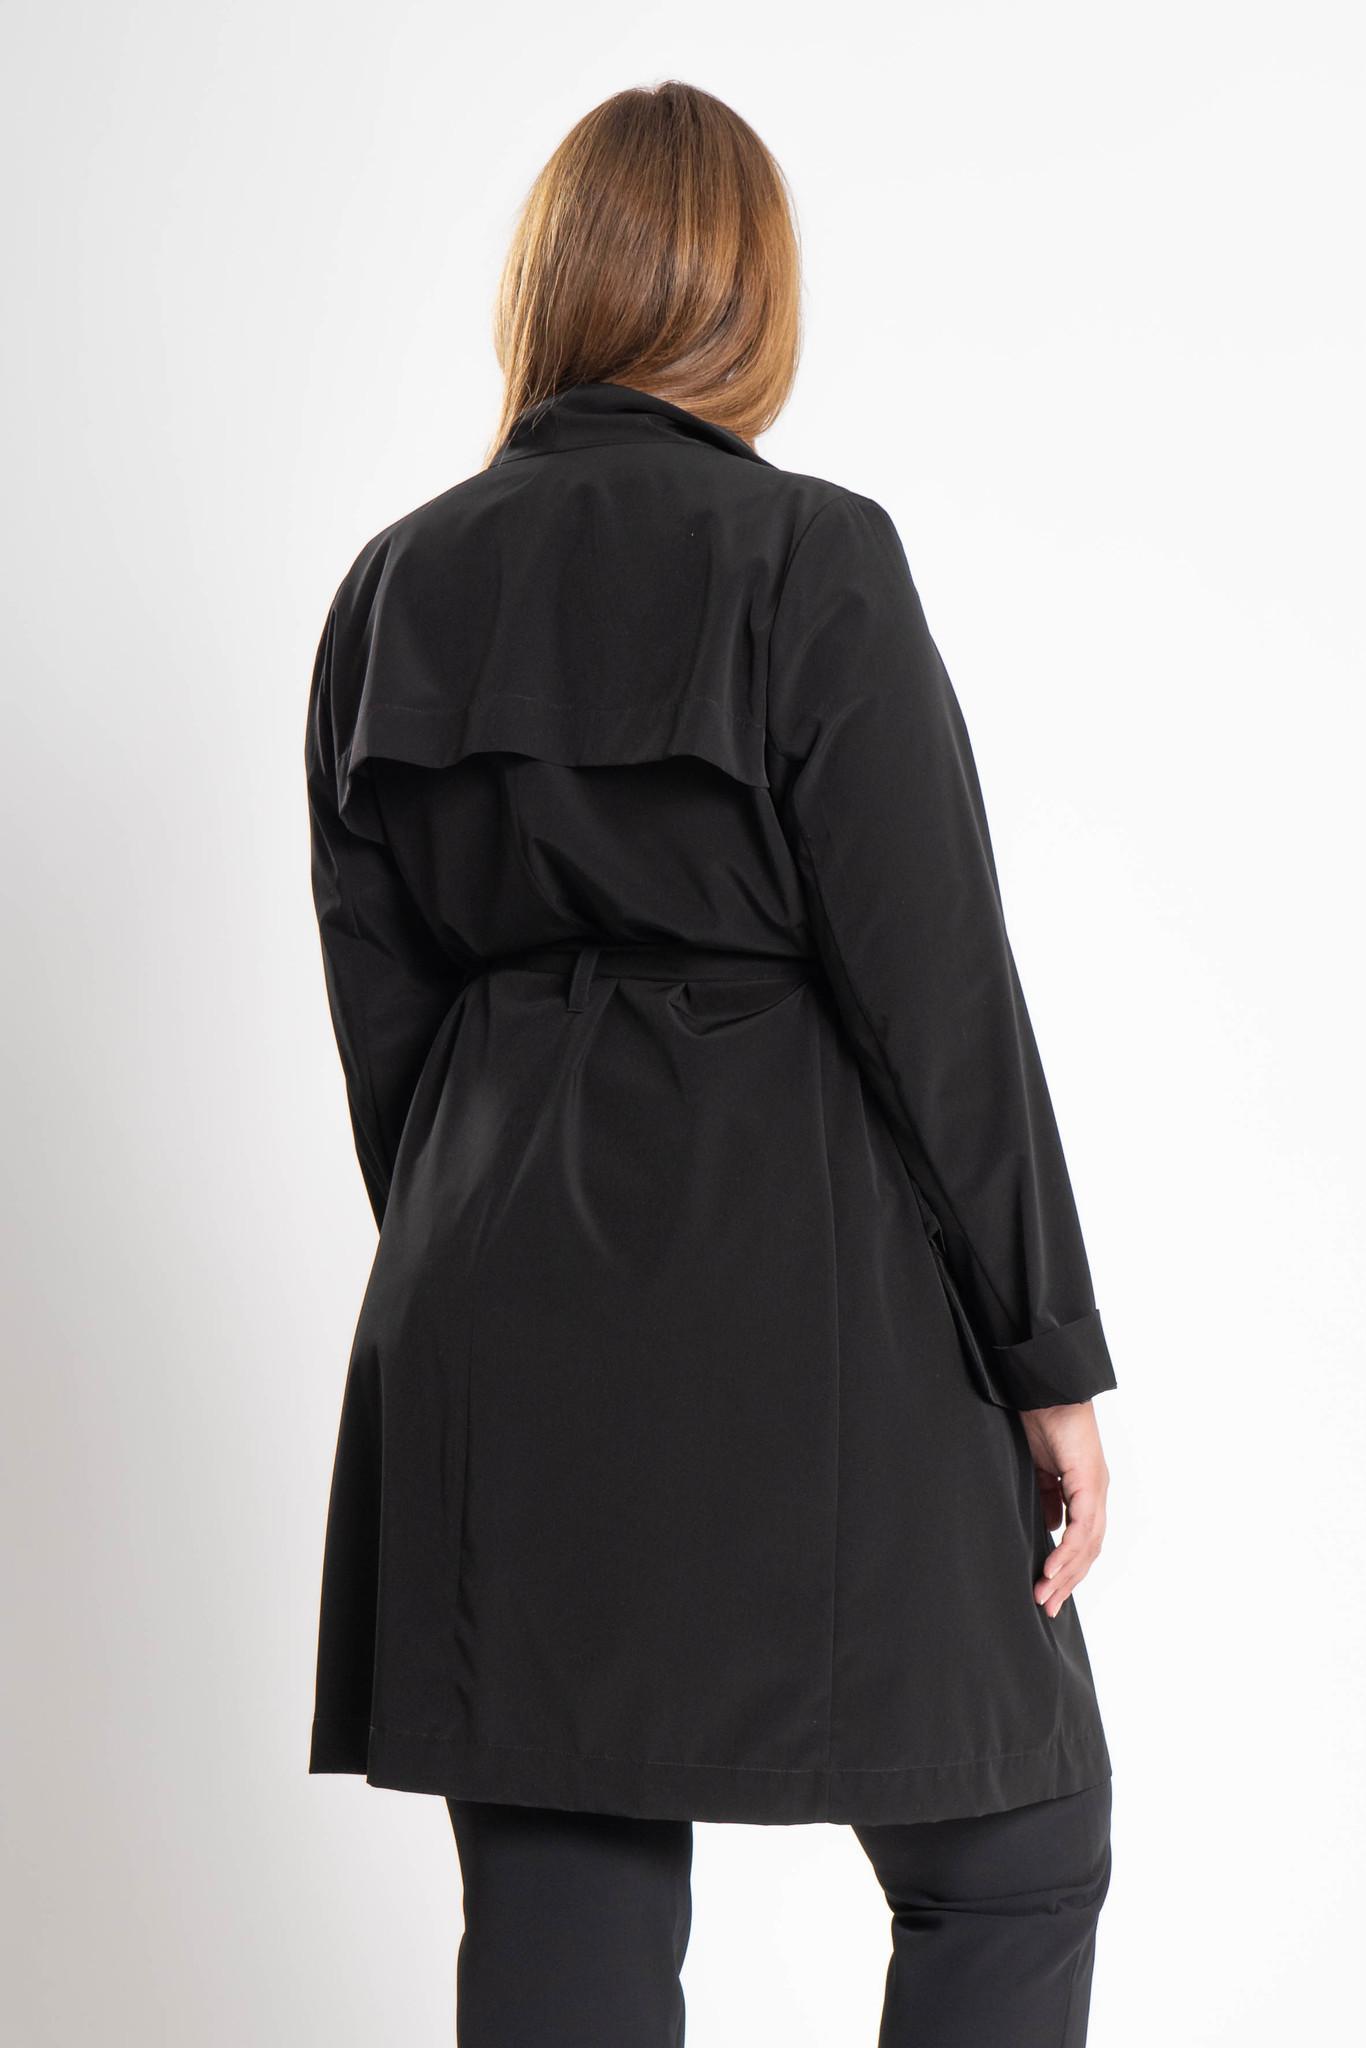 ADAGIO Jacket in waterrepellent Polyester-4